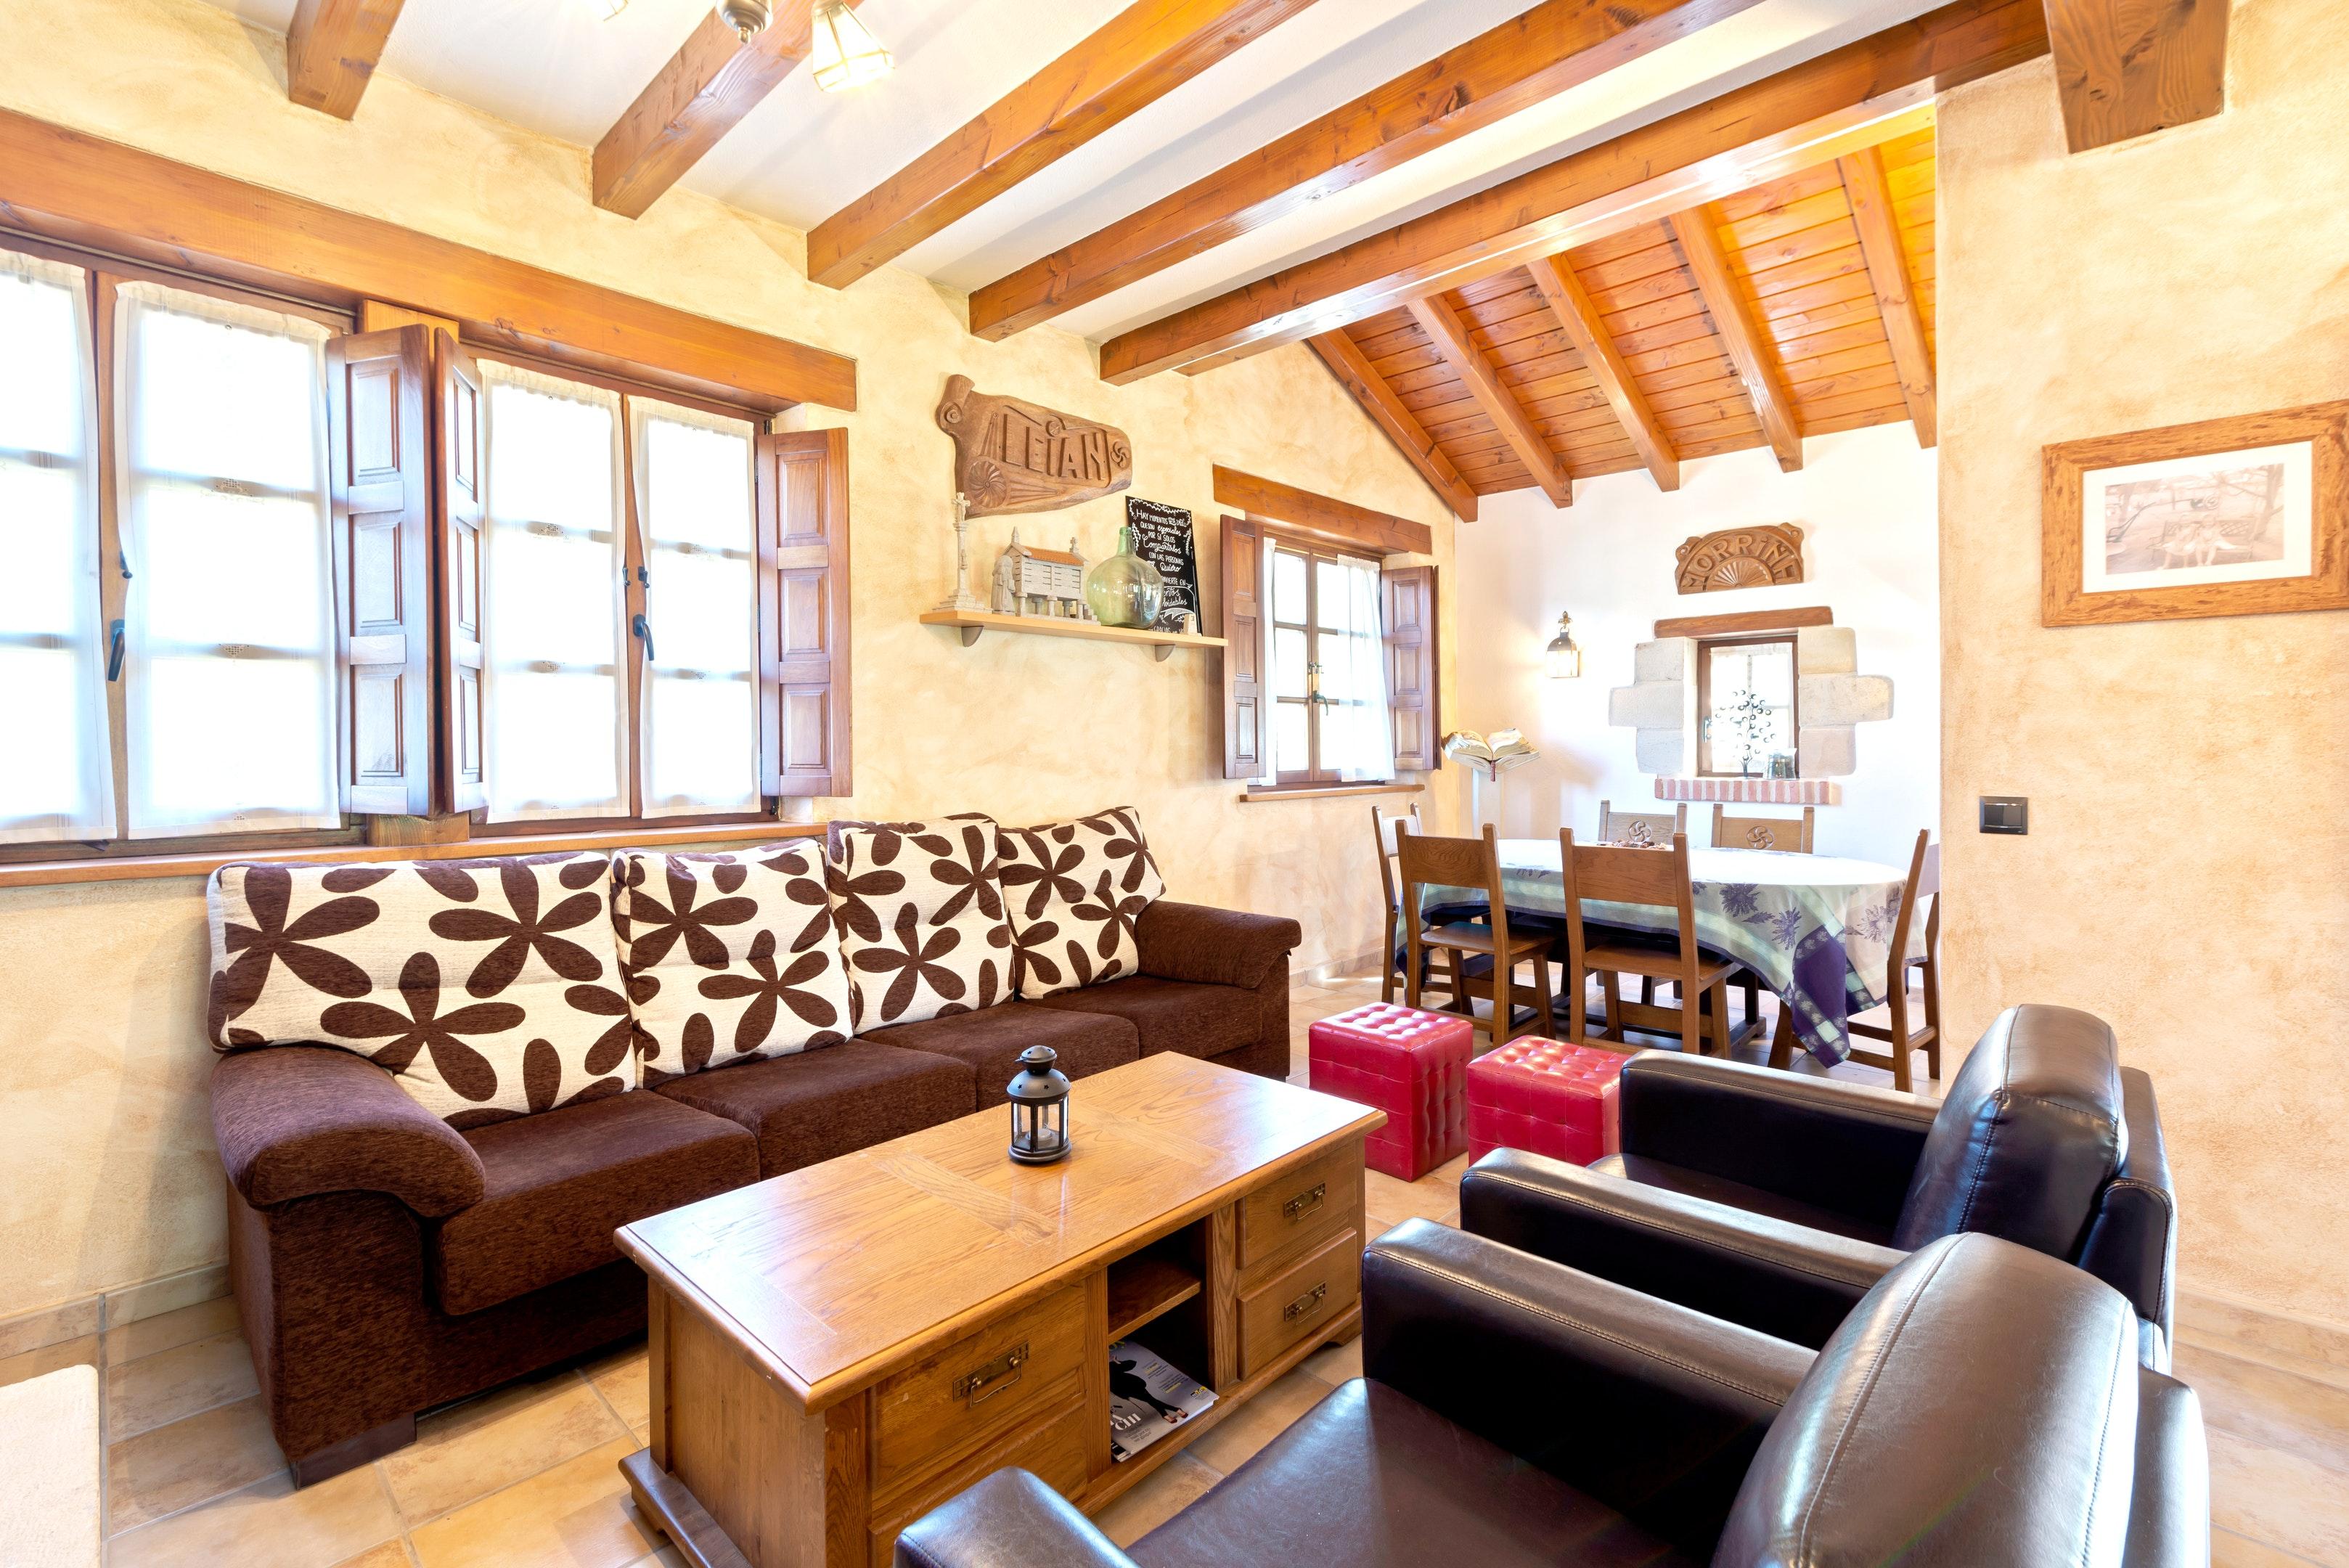 Ferienhaus Villa mit 6 Schlafzimmern in Bizkaia mit privatem Pool und möblierter Terrasse (2519370), Dima, Bizkaia, Baskenland, Spanien, Bild 7